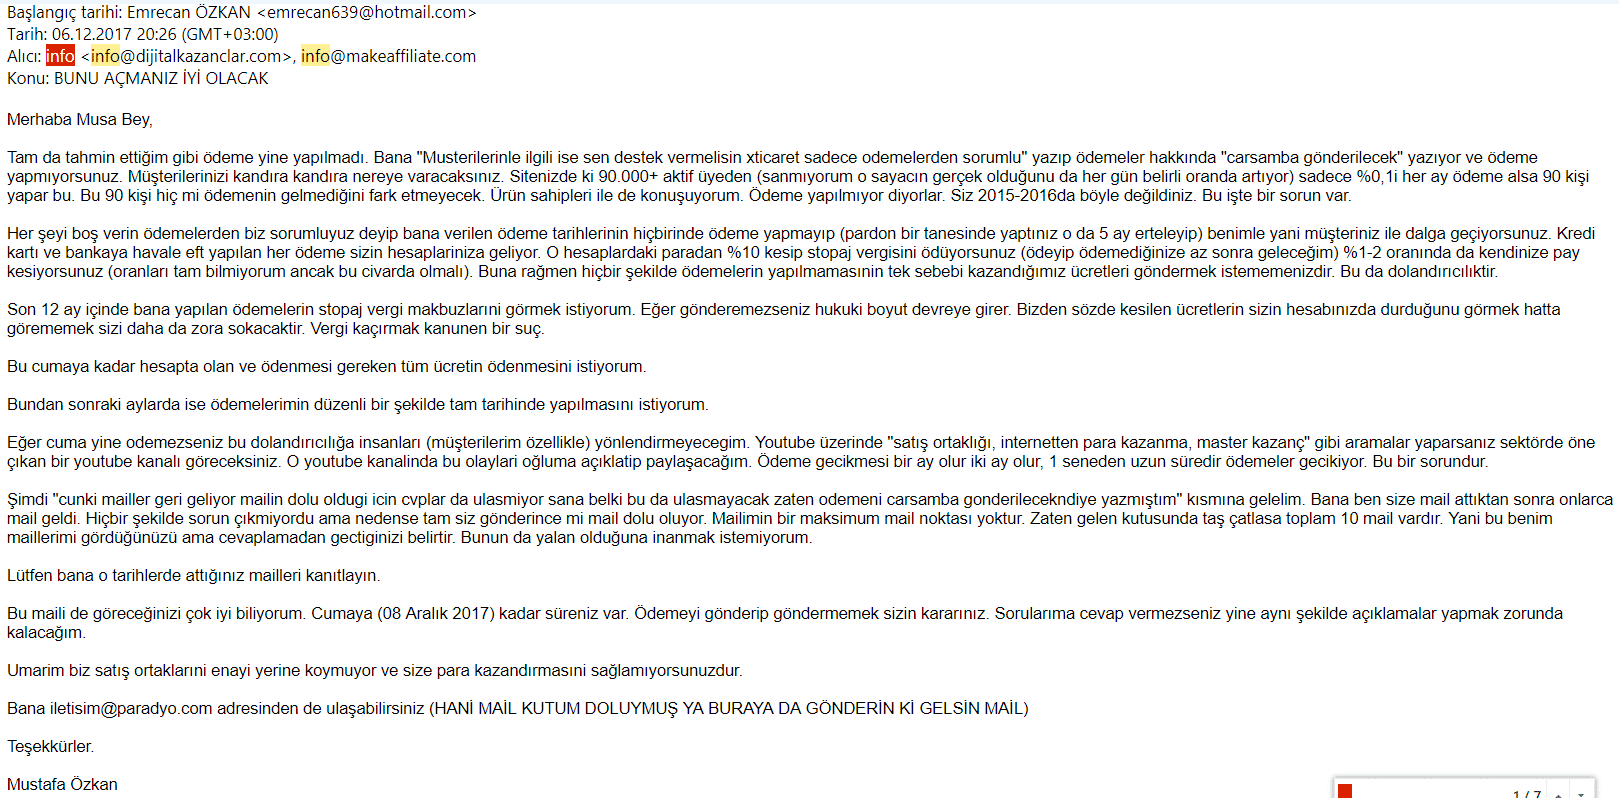 xticaret hakkında mail 3